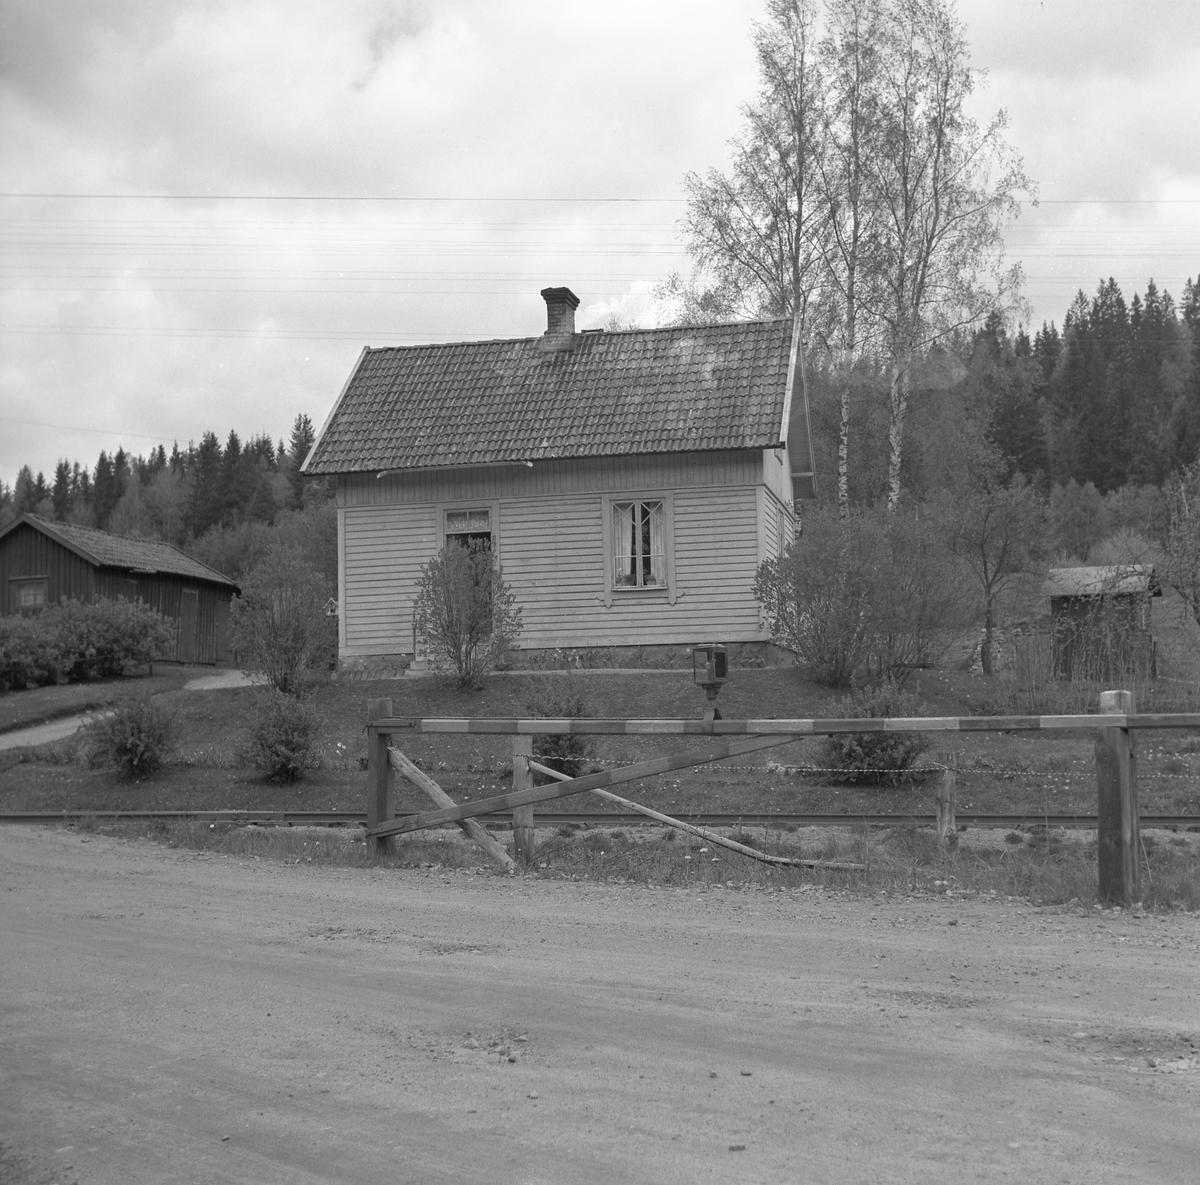 Skövde - Axvalls Järnväg, SAJ, banvaktstugan vid Stenberget på linjen mellan Våmbsklevens hållplats och Billingens hållplats. 1870 års Varnhemsväg korsar järnvägen. En av arbetlagsledarna för SAJ banbygge 1902 - 1904 var Gustav Karlsson. Han blev senare banvakt med placering i banvaktstugan vid Stenberget där han tjänstgrorde fram till 1945.